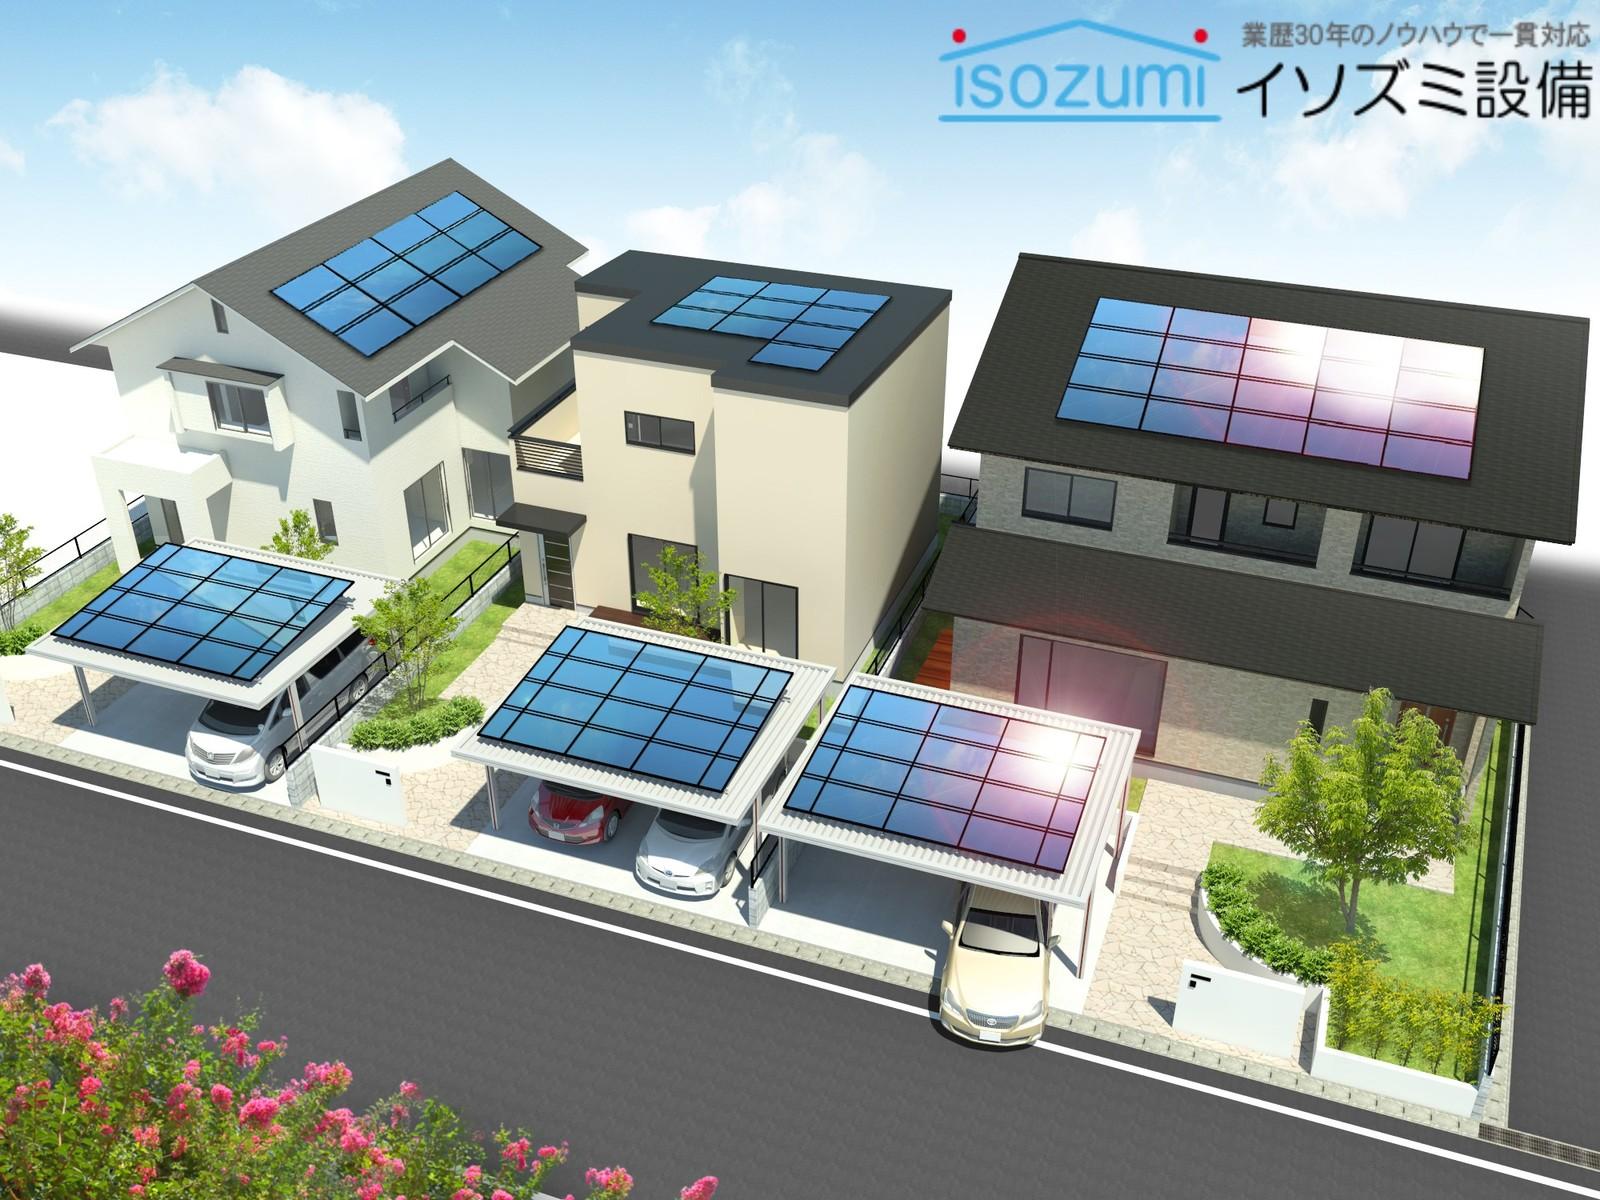 『ネオポート アルミ』 太陽光 車庫太陽光パネル ソーラー ソーラーパネル カーポート 車 車庫 蓄電池 太陽光発電 セット 充電 バッテリー ガレージ パネル おしゃれ 価格 発電量 3台用